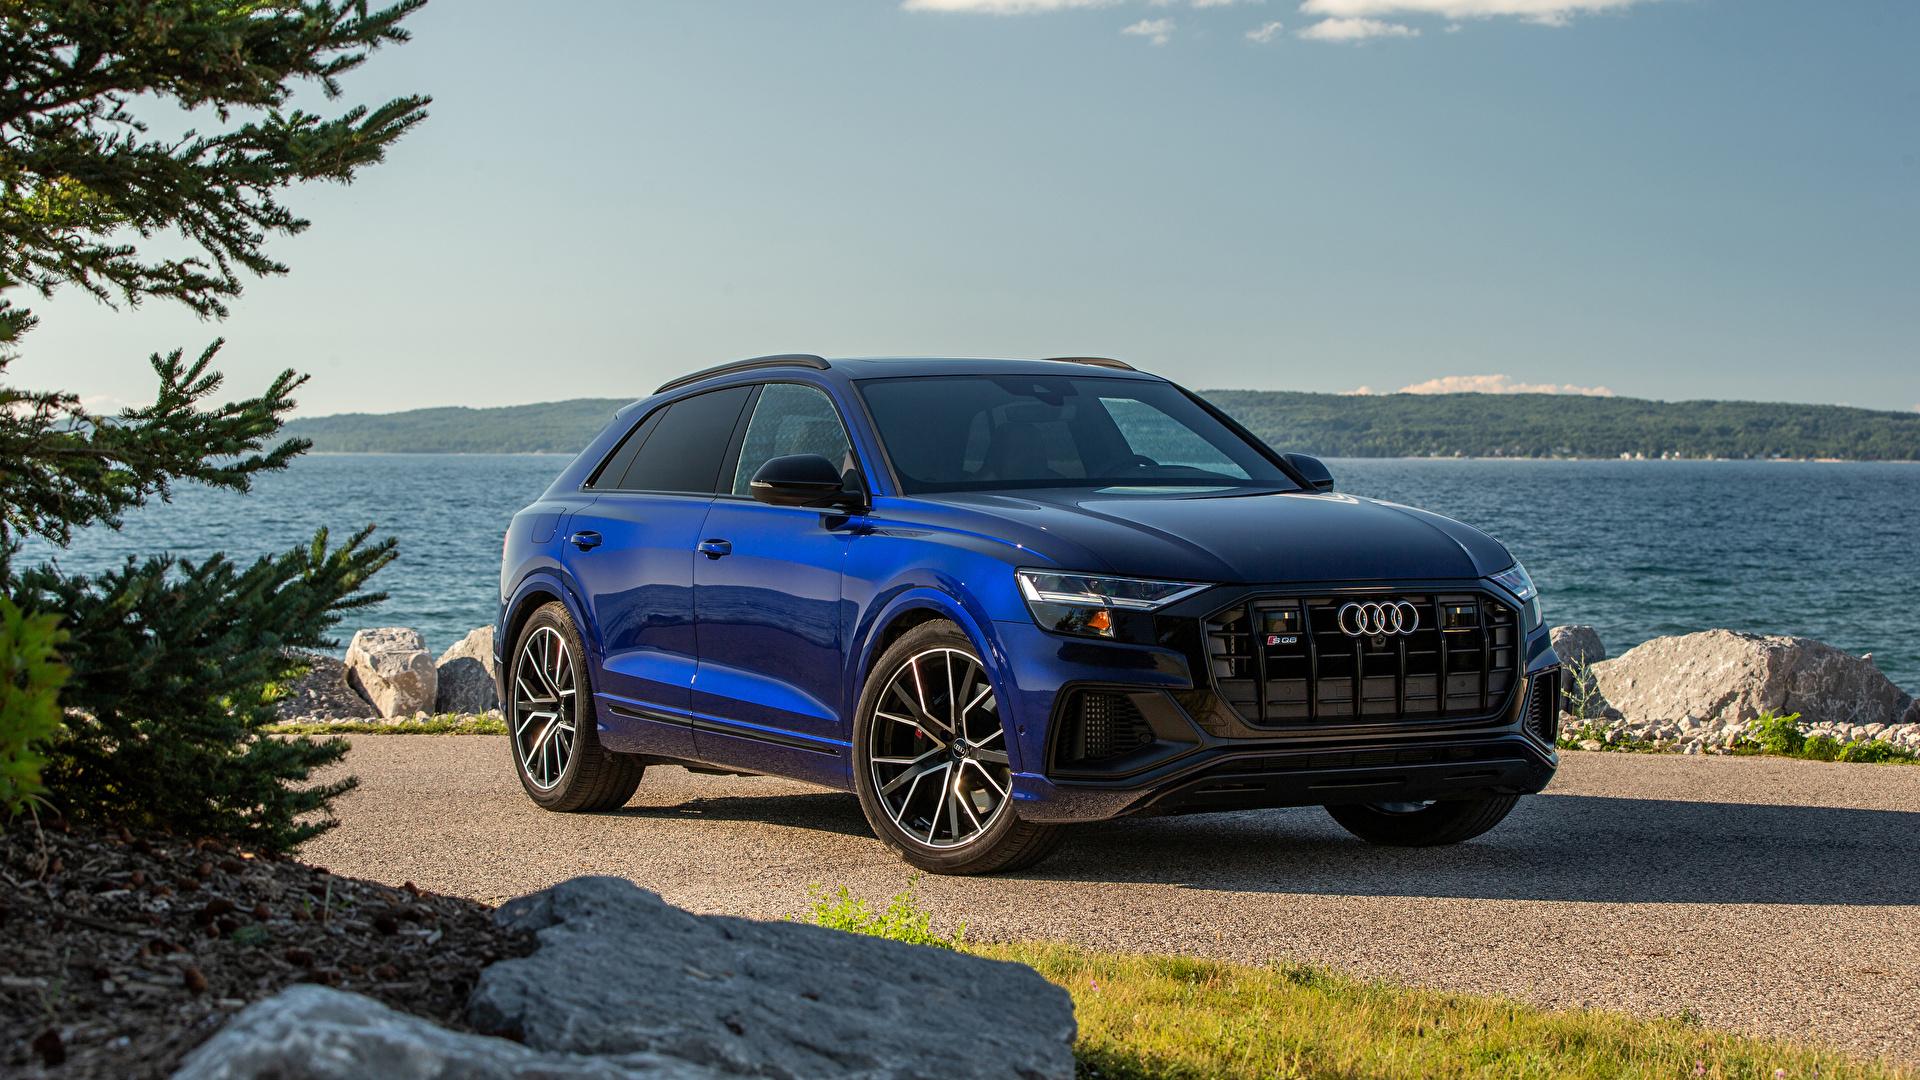 Фотографии Ауди CUV SQ8 TFSI, North America, 2020 синяя авто Металлик 1920x1080 Audi Кроссовер Синий синие синих машина машины Автомобили автомобиль